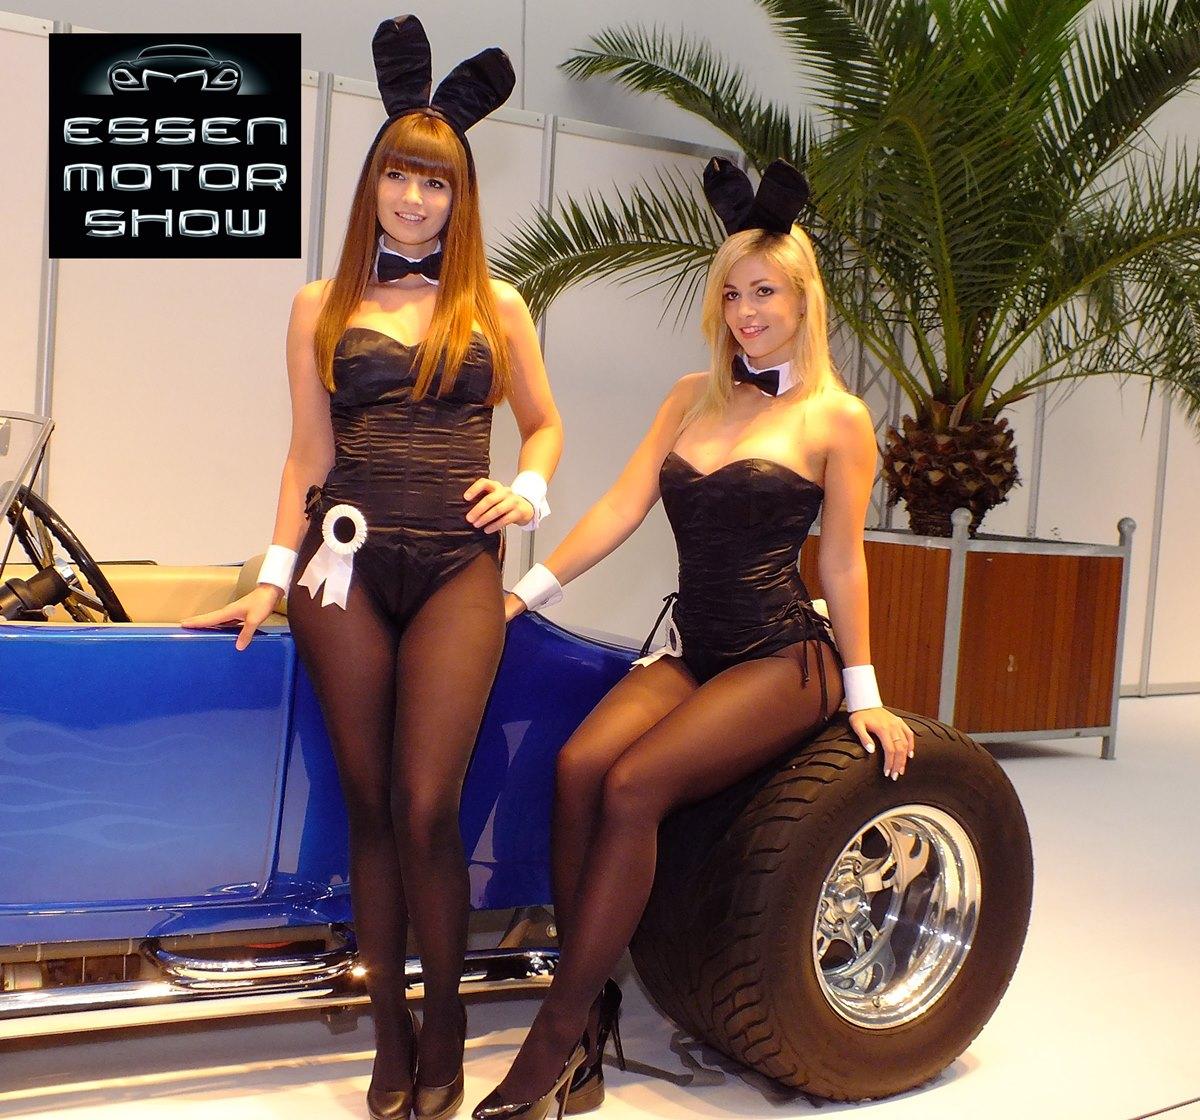 Essen Motor Show 2014 Highlights: die sexy Girls